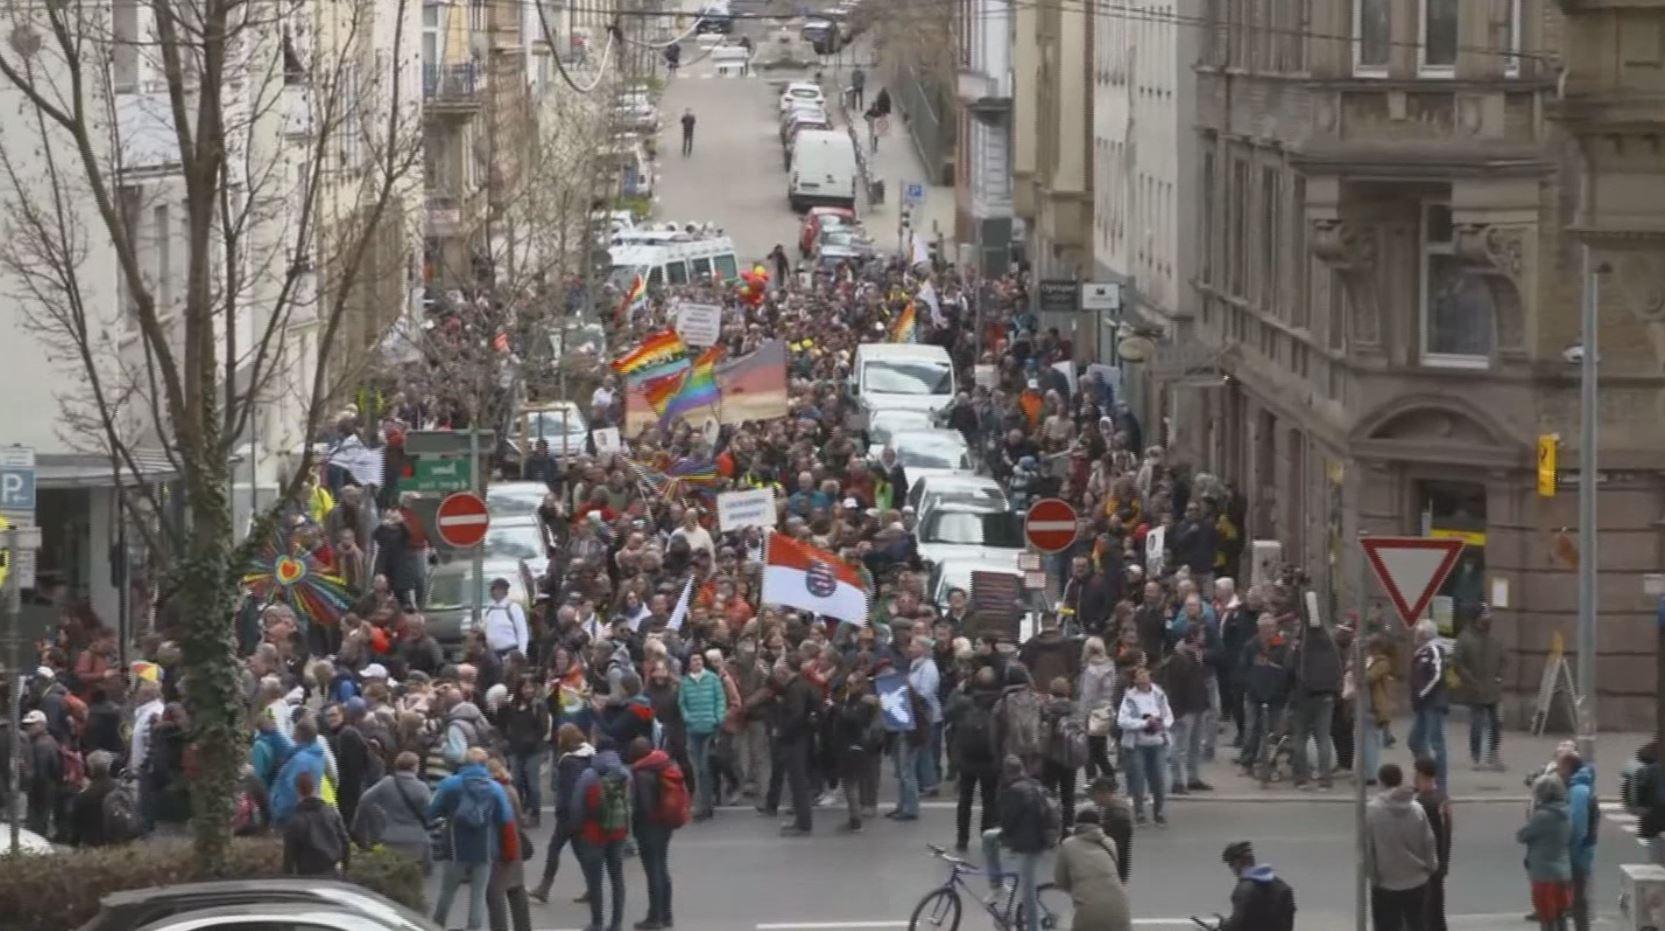 肺炎升溫! 德義上街抗議「反封鎖」 加州餐廳拒關3次被捕